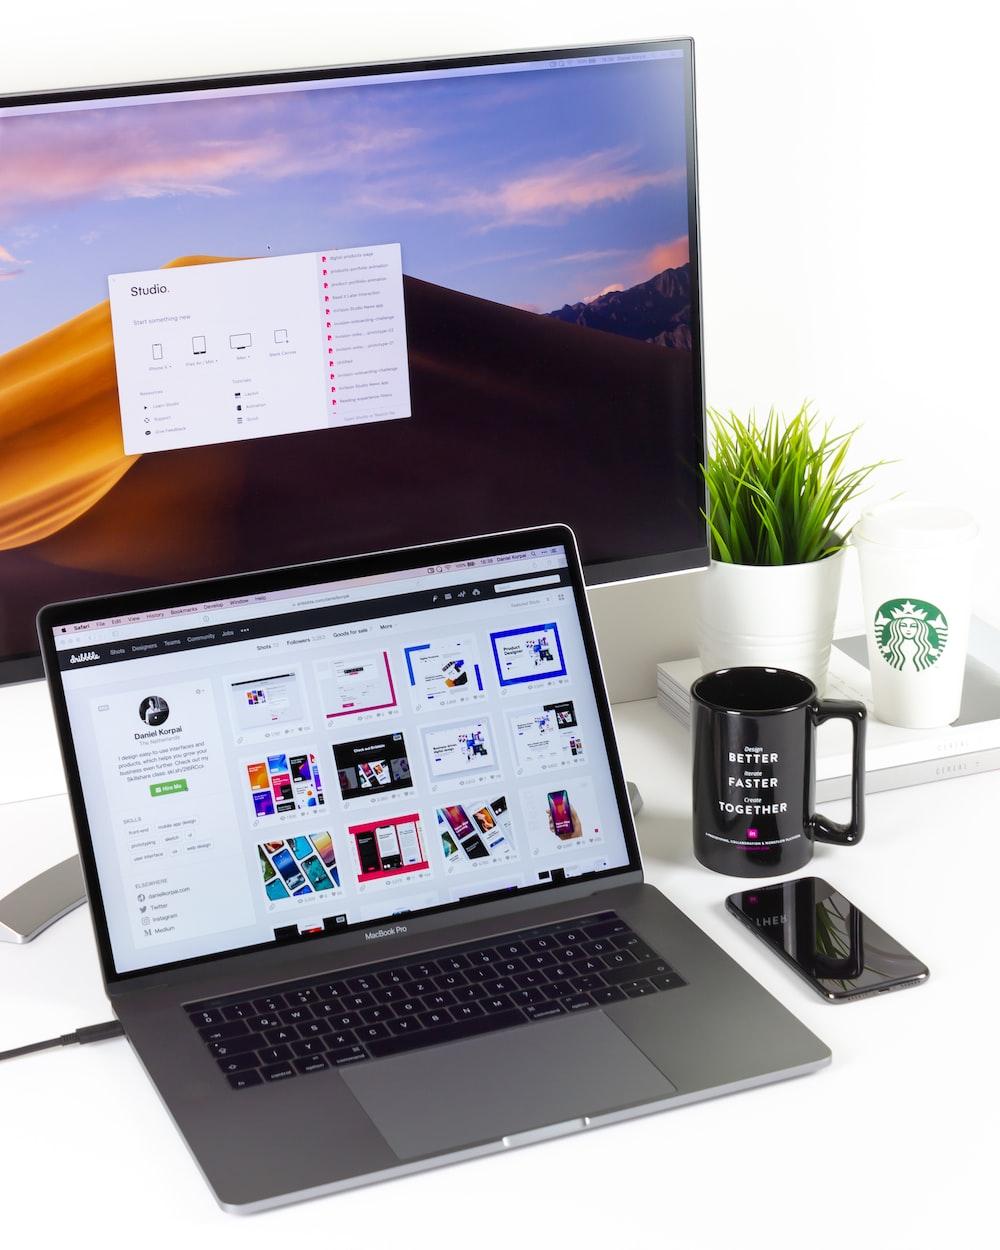 laptop near mug and computer monitor